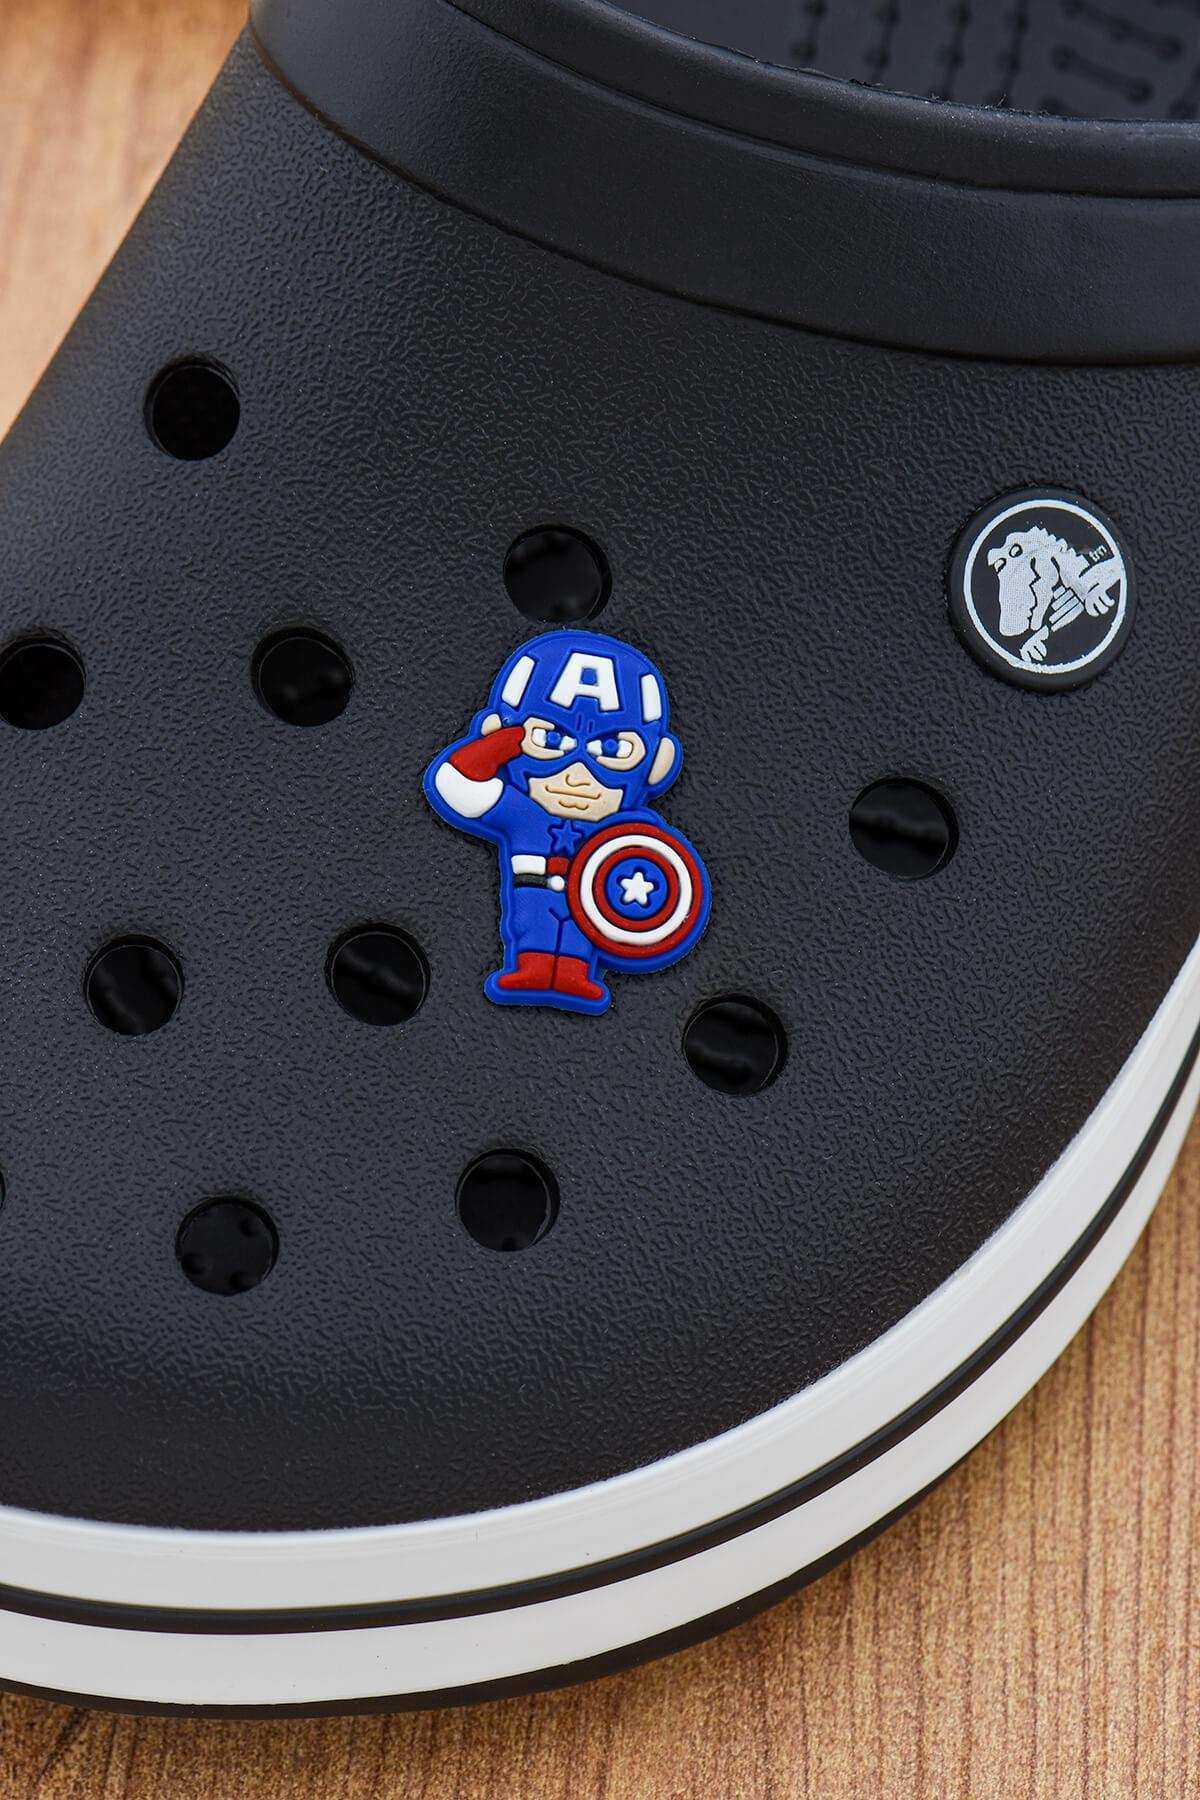 Kaptan Amerika Crocs Süsü Bileklik Terlik Süsü Charm Terlik Aksesuarı - CRS0142